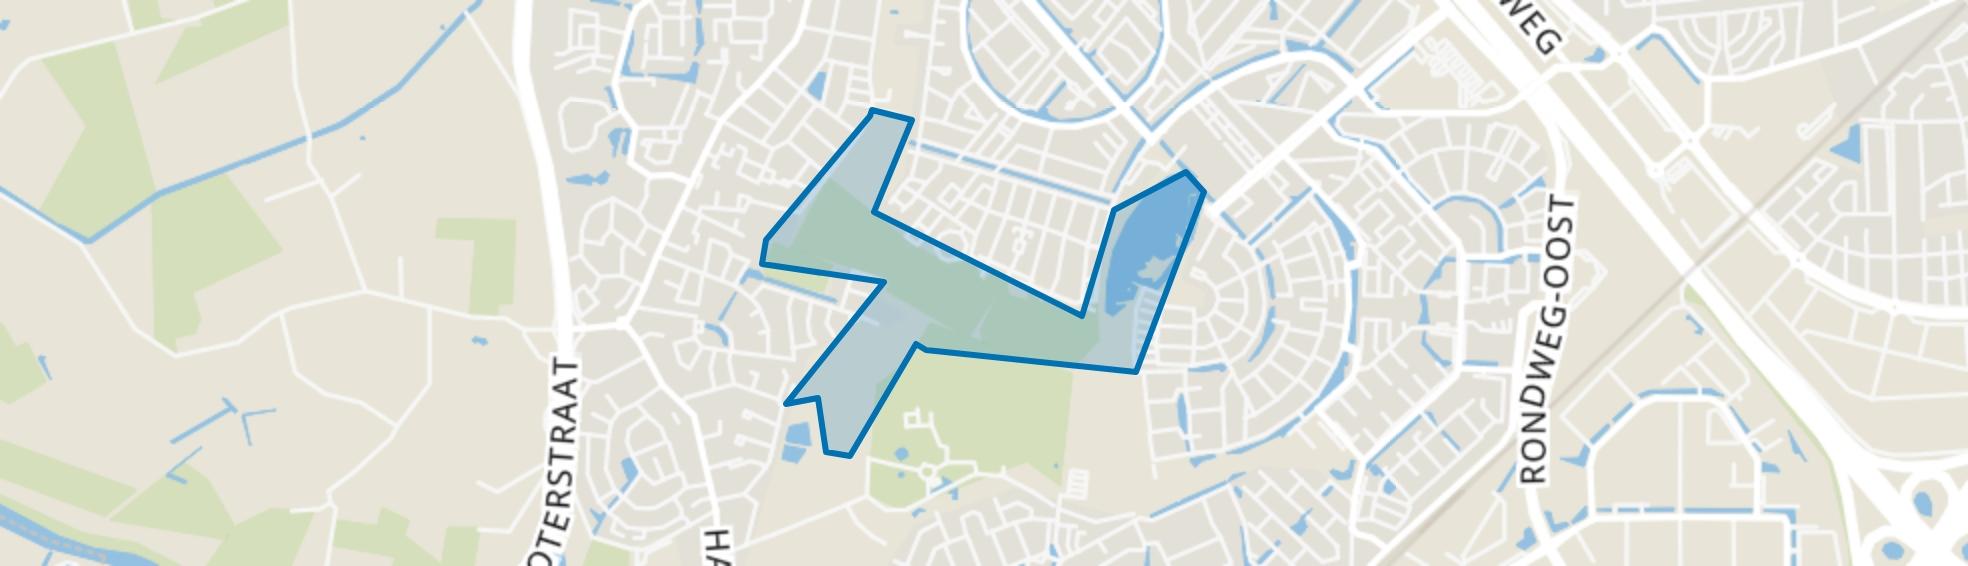 Park Schothorst-Noord, Amersfoort map